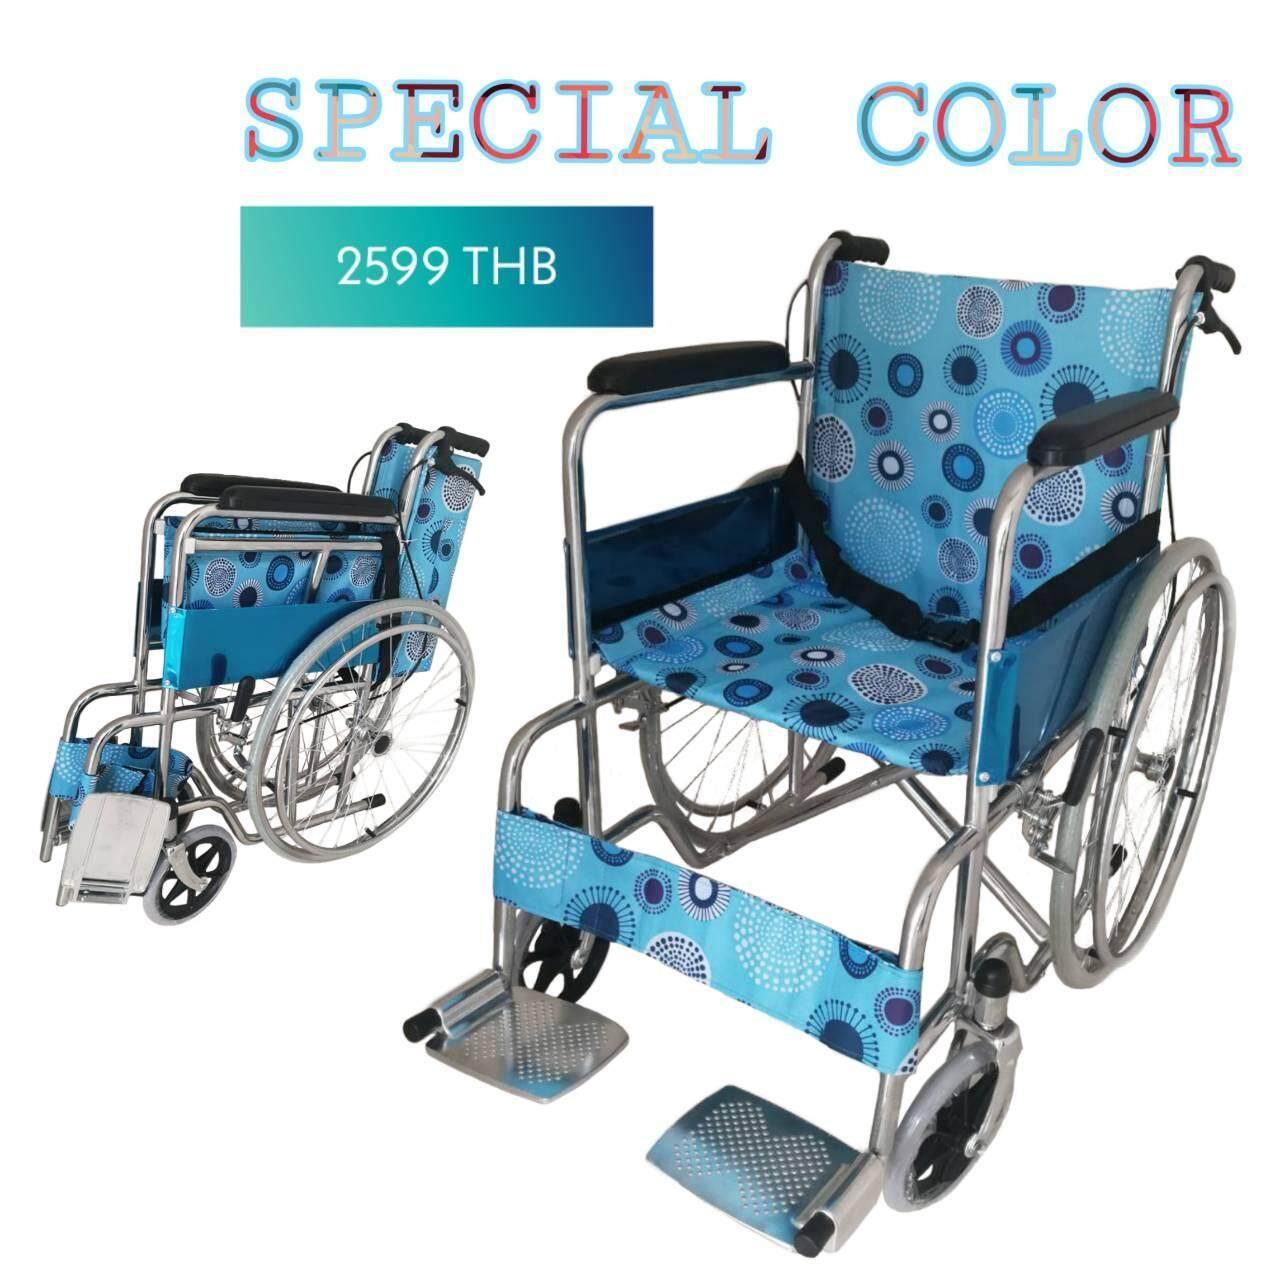 เก็บเงินปลายทางได้ Abloom Standard Wheelchair รถเข็น ผู้ป่วย เหล็กชุบ พับได้ รุ่นมาตรฐาน พร้อมเบรคมือ